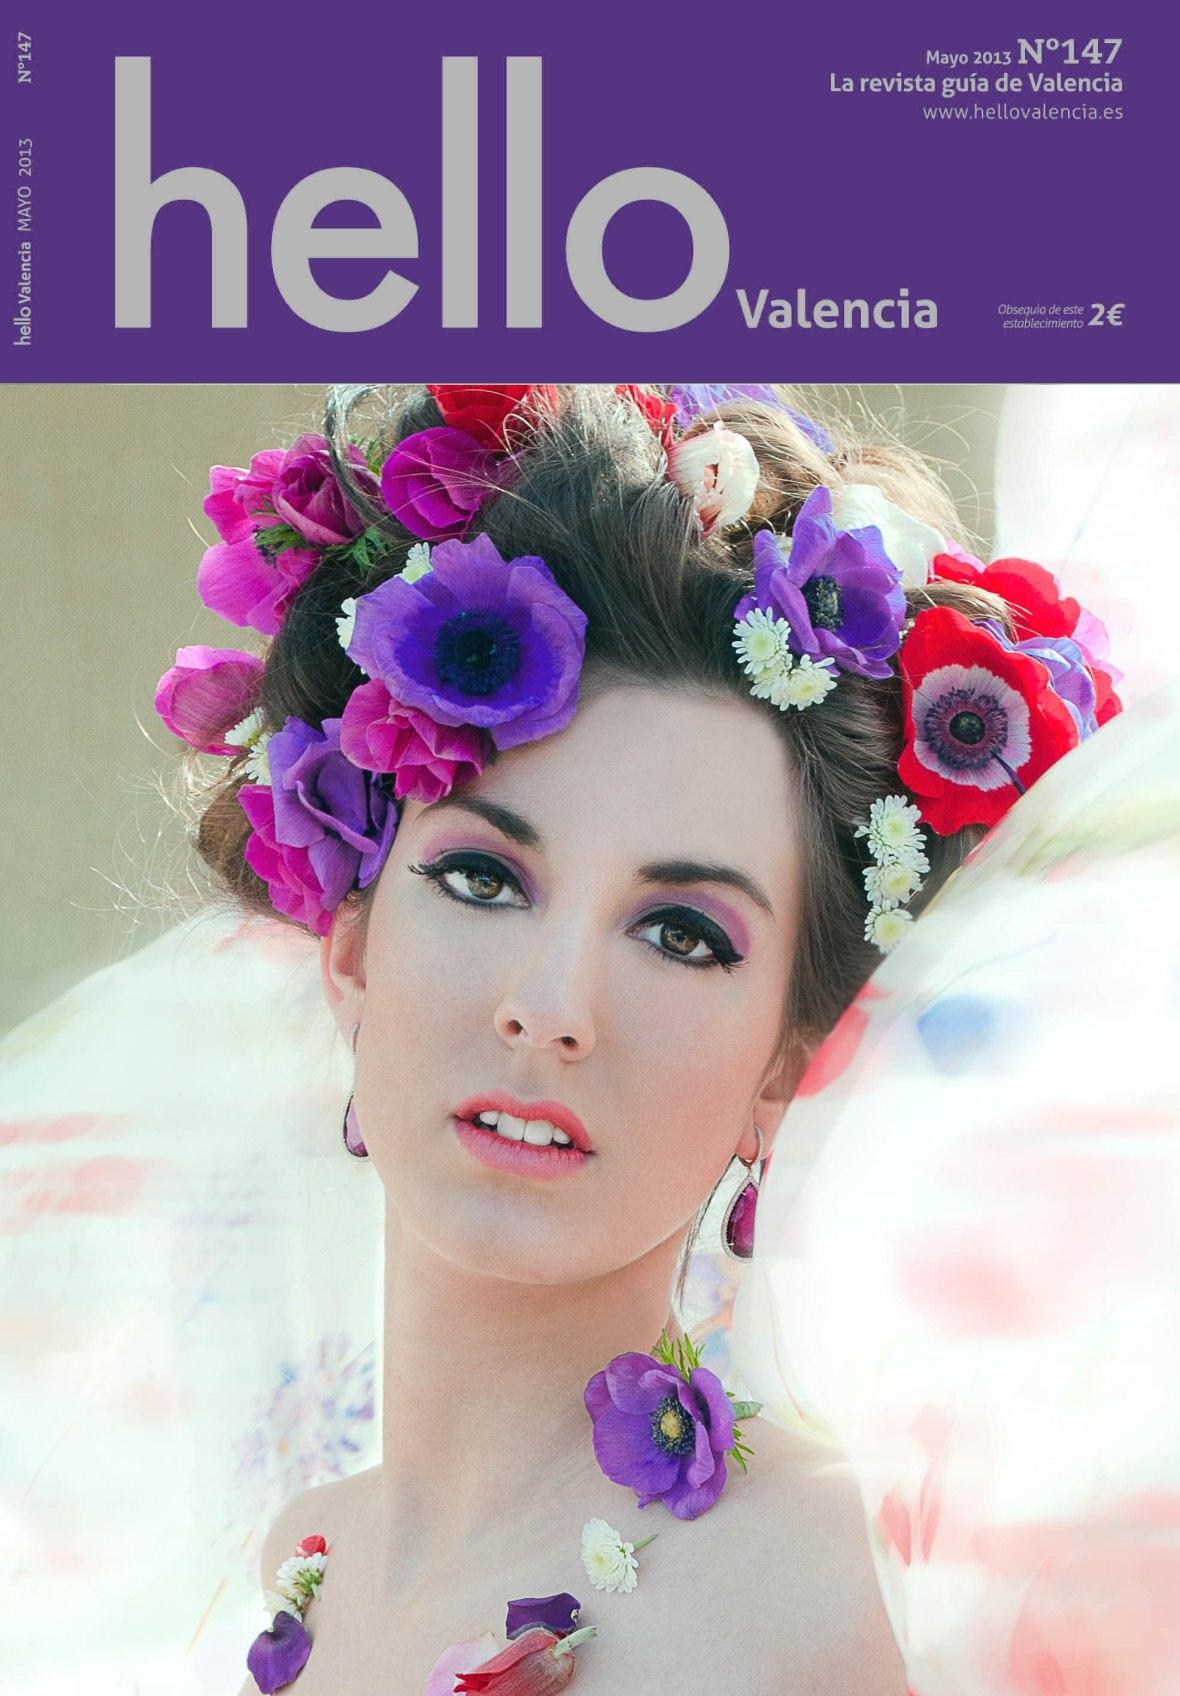 Hello Valencia #148 Mayo 2013 Cover